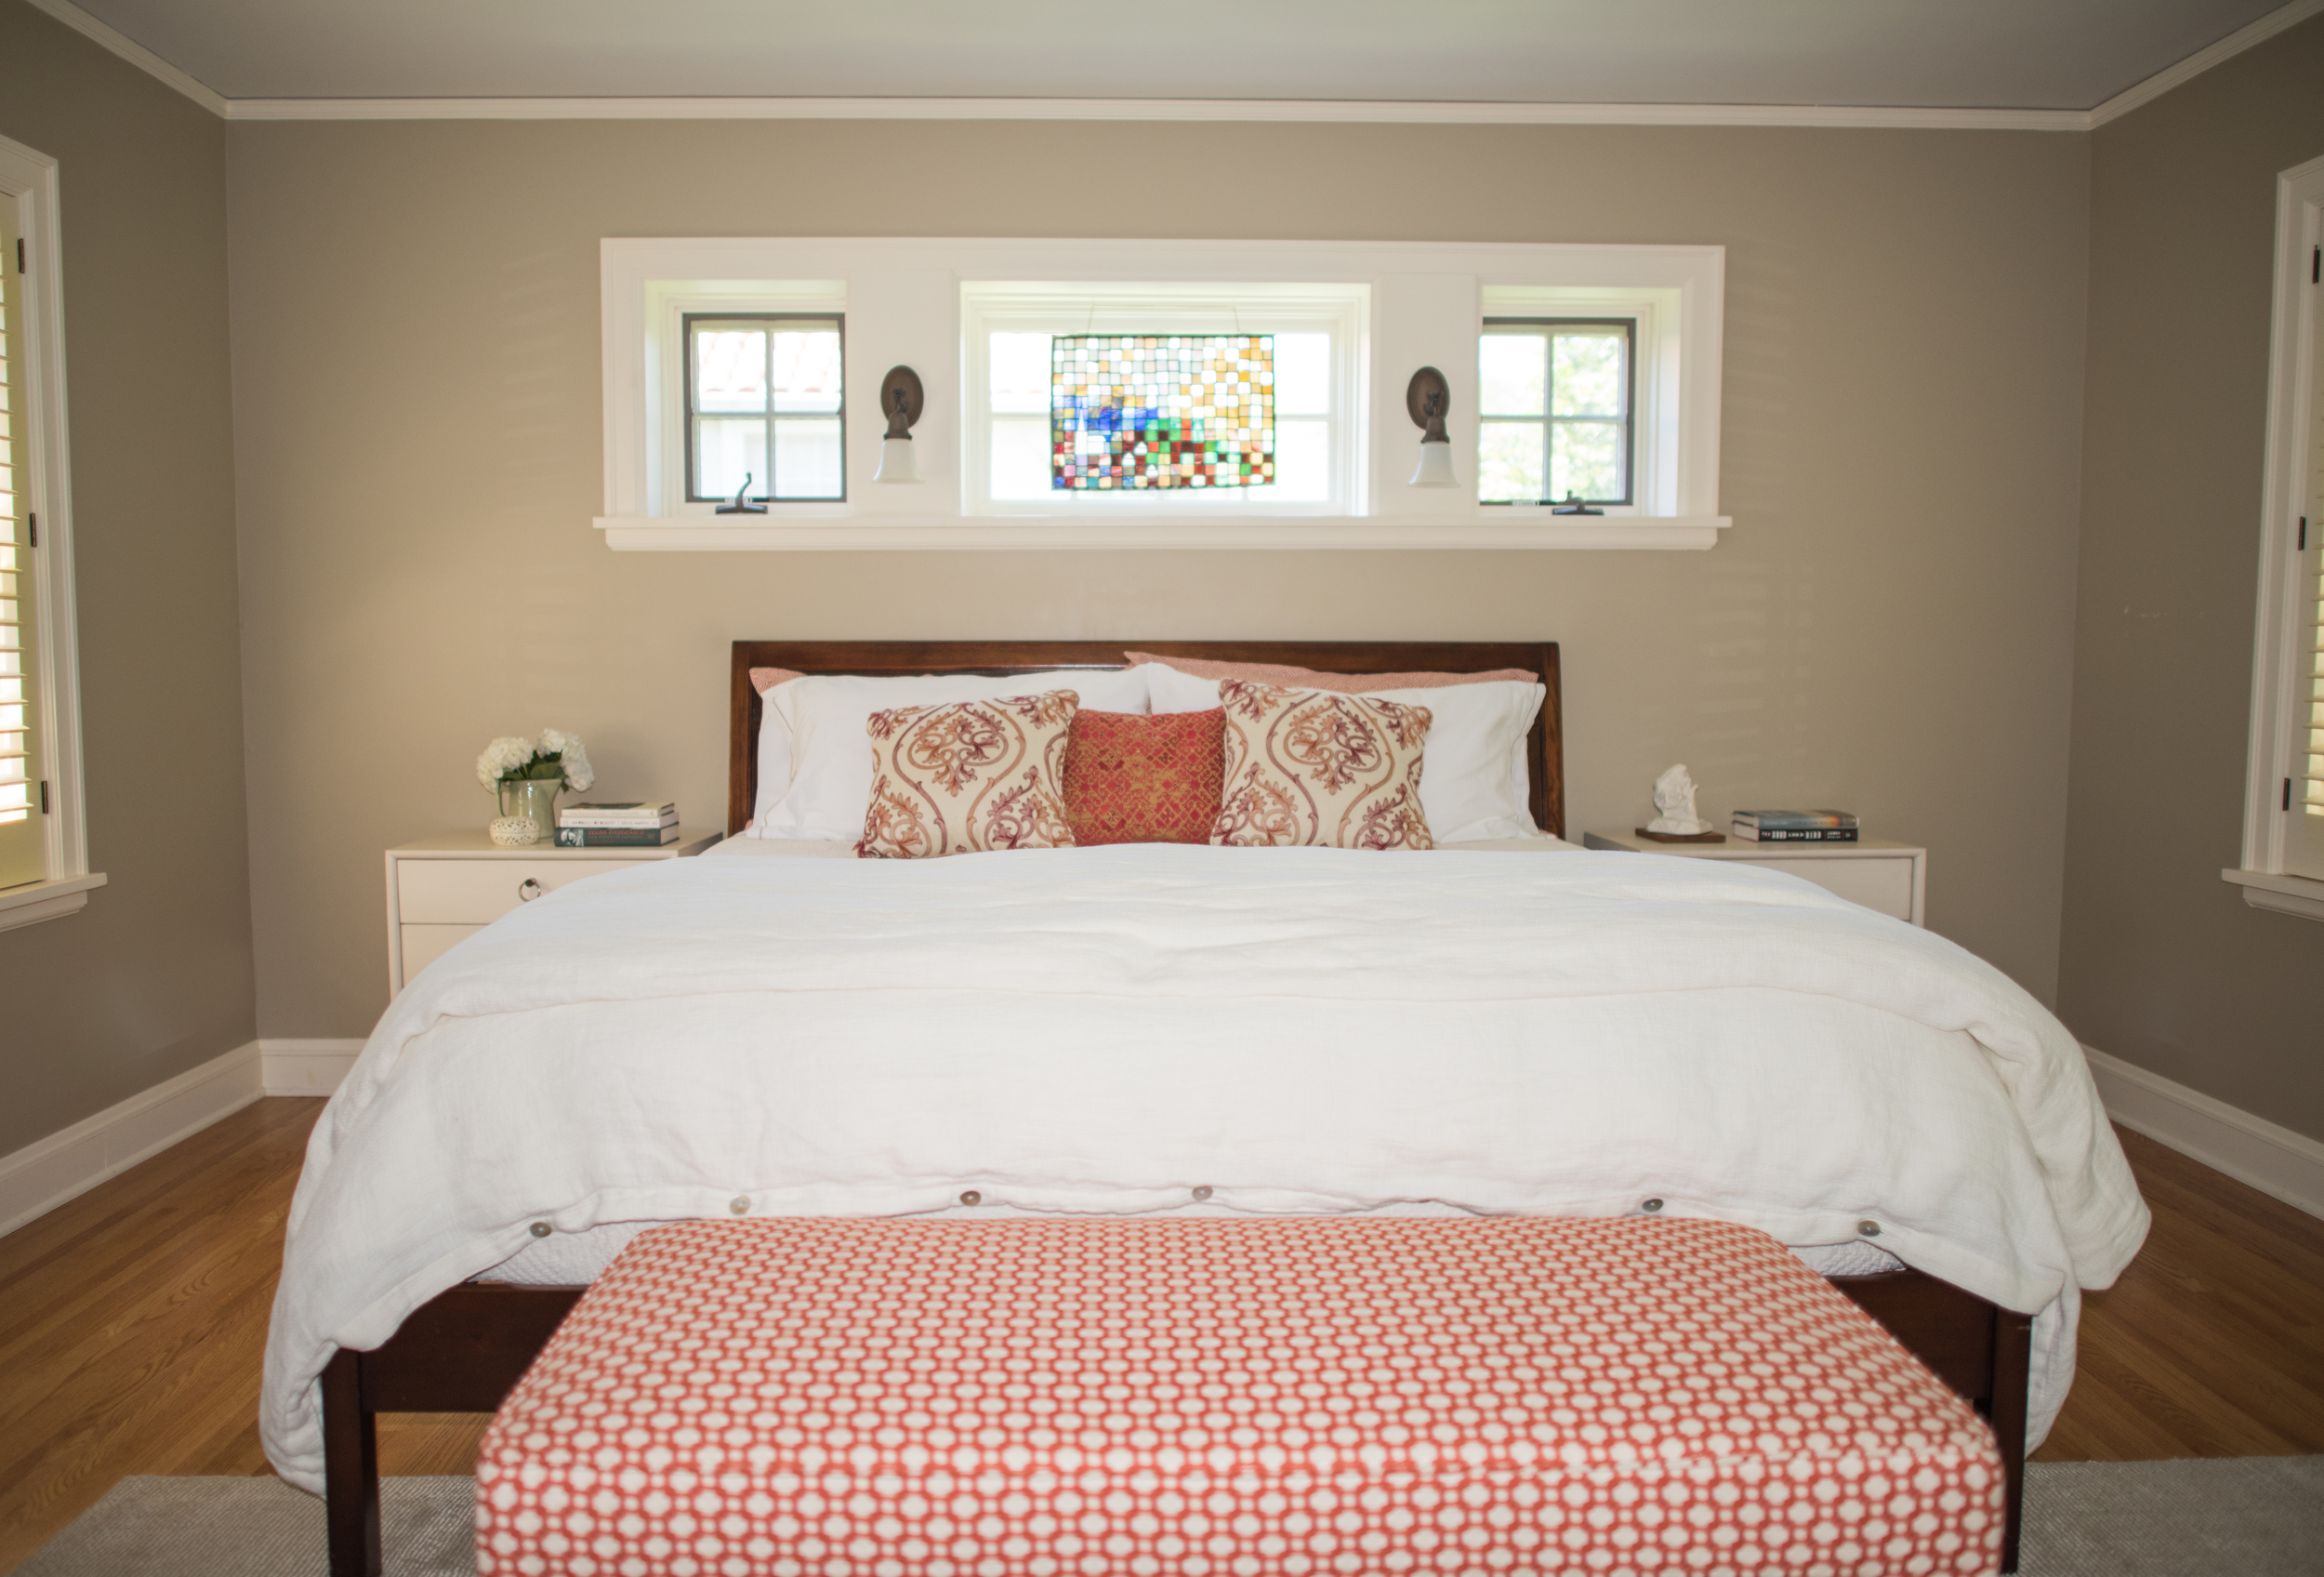 Mandlerbedroom-7.jpg